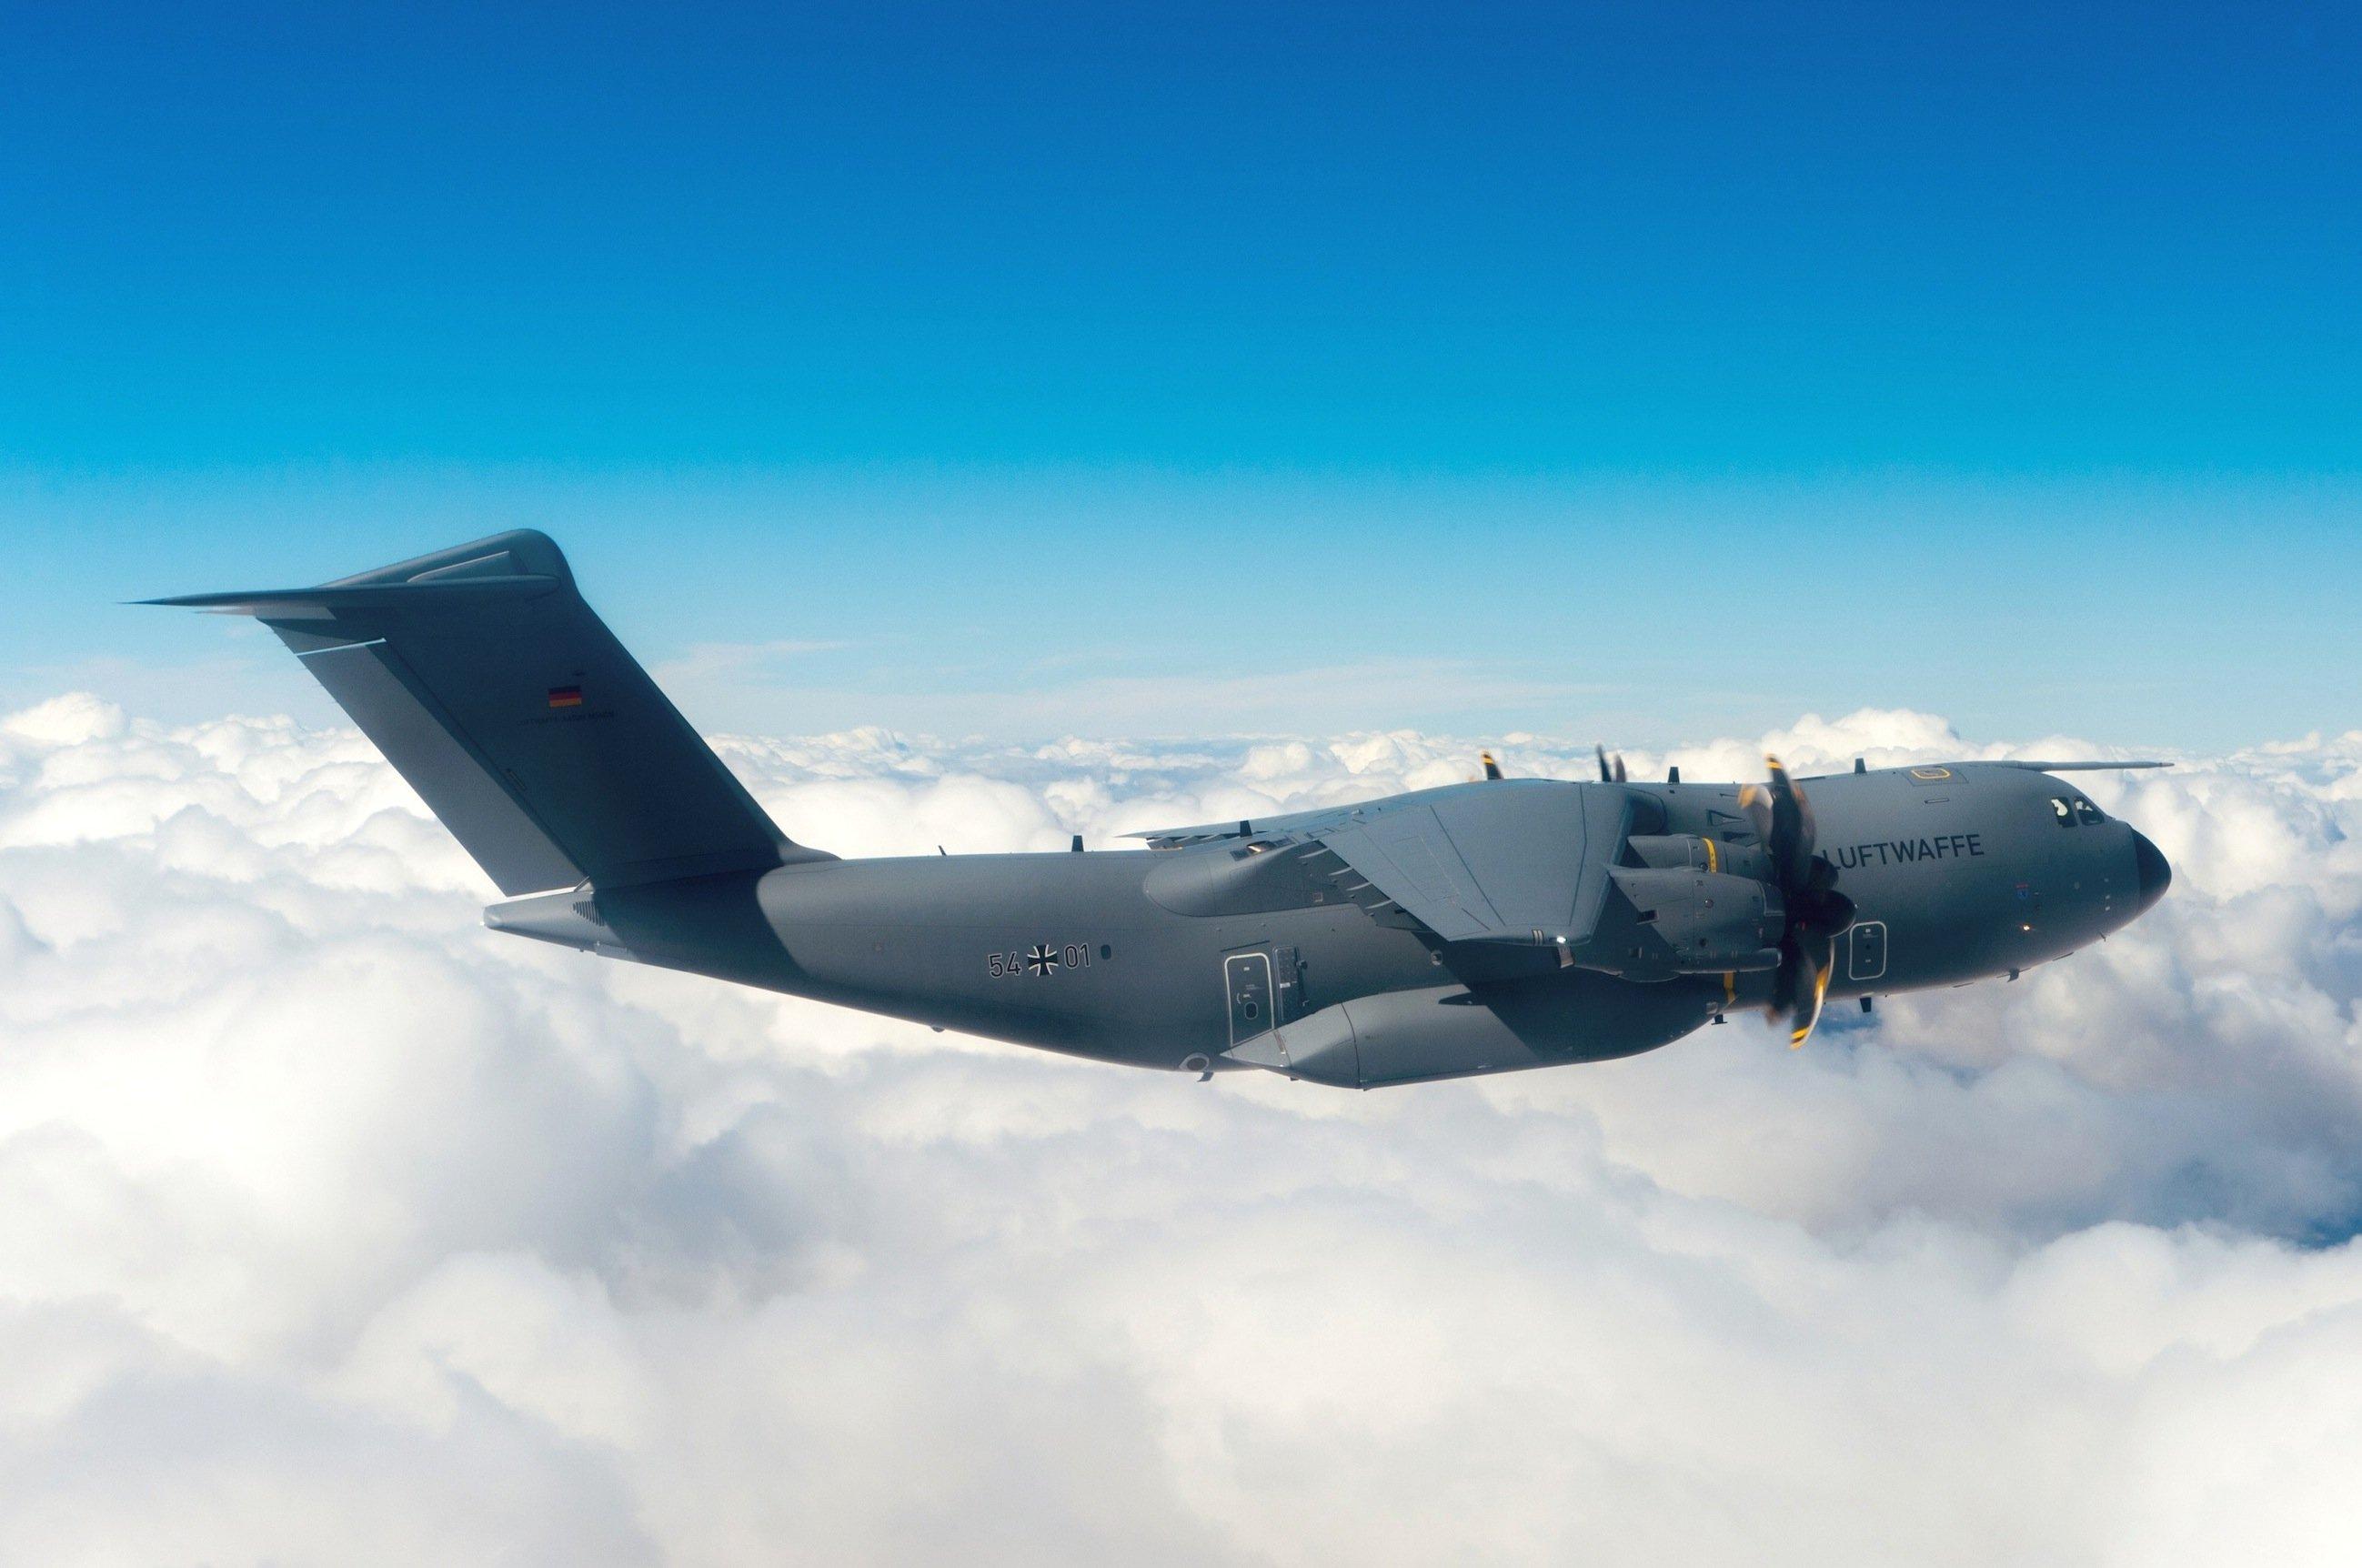 A400M während des Fluges über den Wolken: Dem Militärtransporter fehlen trotz vier Jahren Verzögerung noch viele Eigenschaften. So können während des Fluges keine Truppen abspringen.